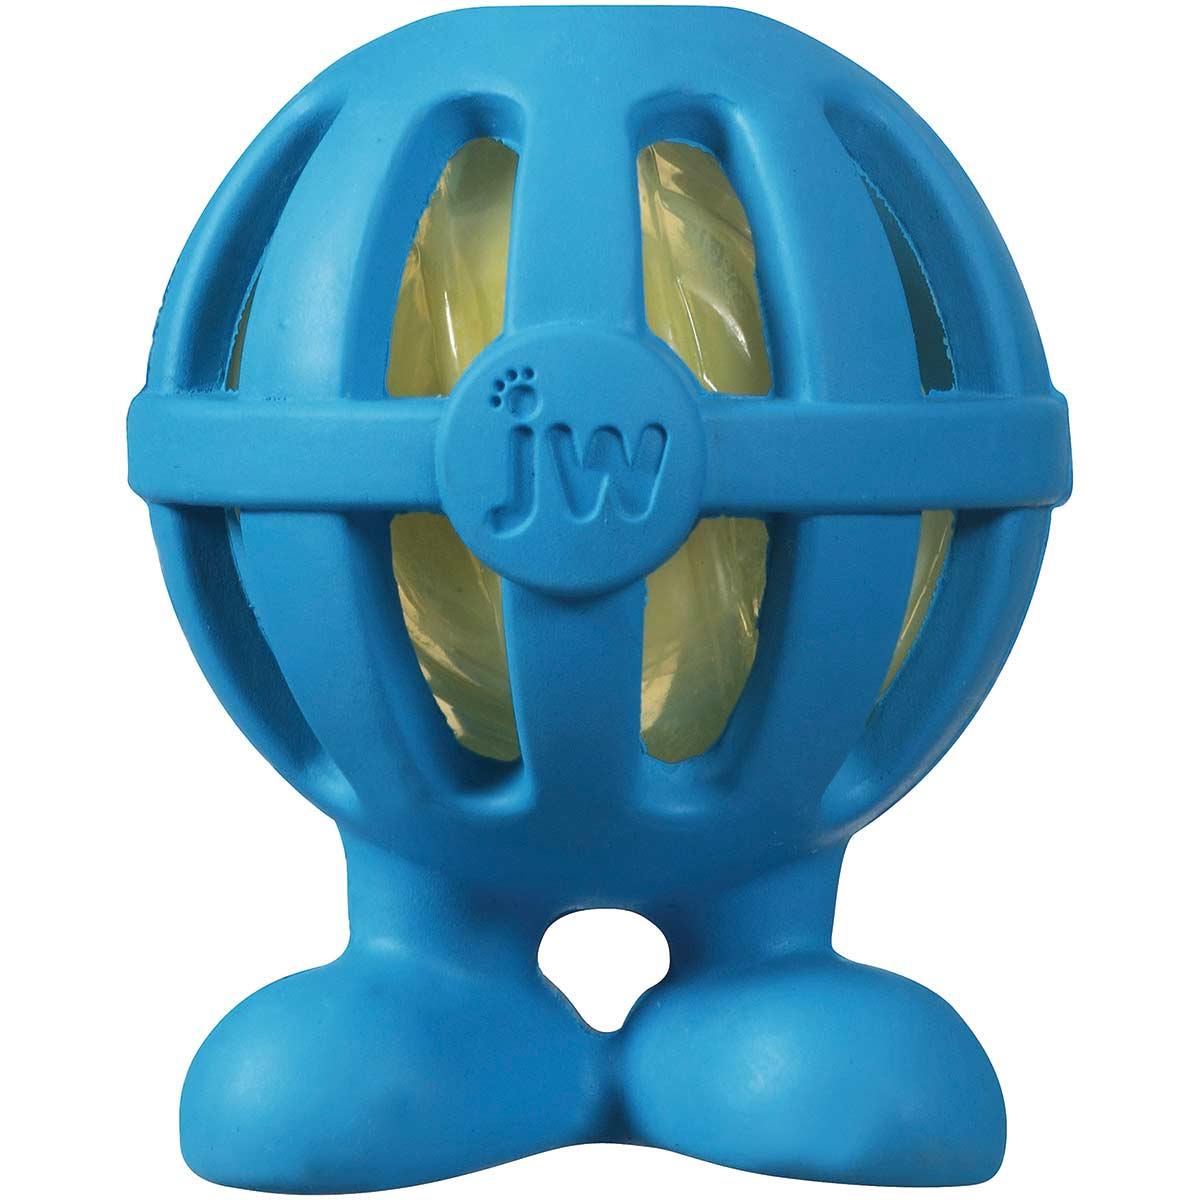 JW Crackle Head Cuz Small 2 inch Dog Toy